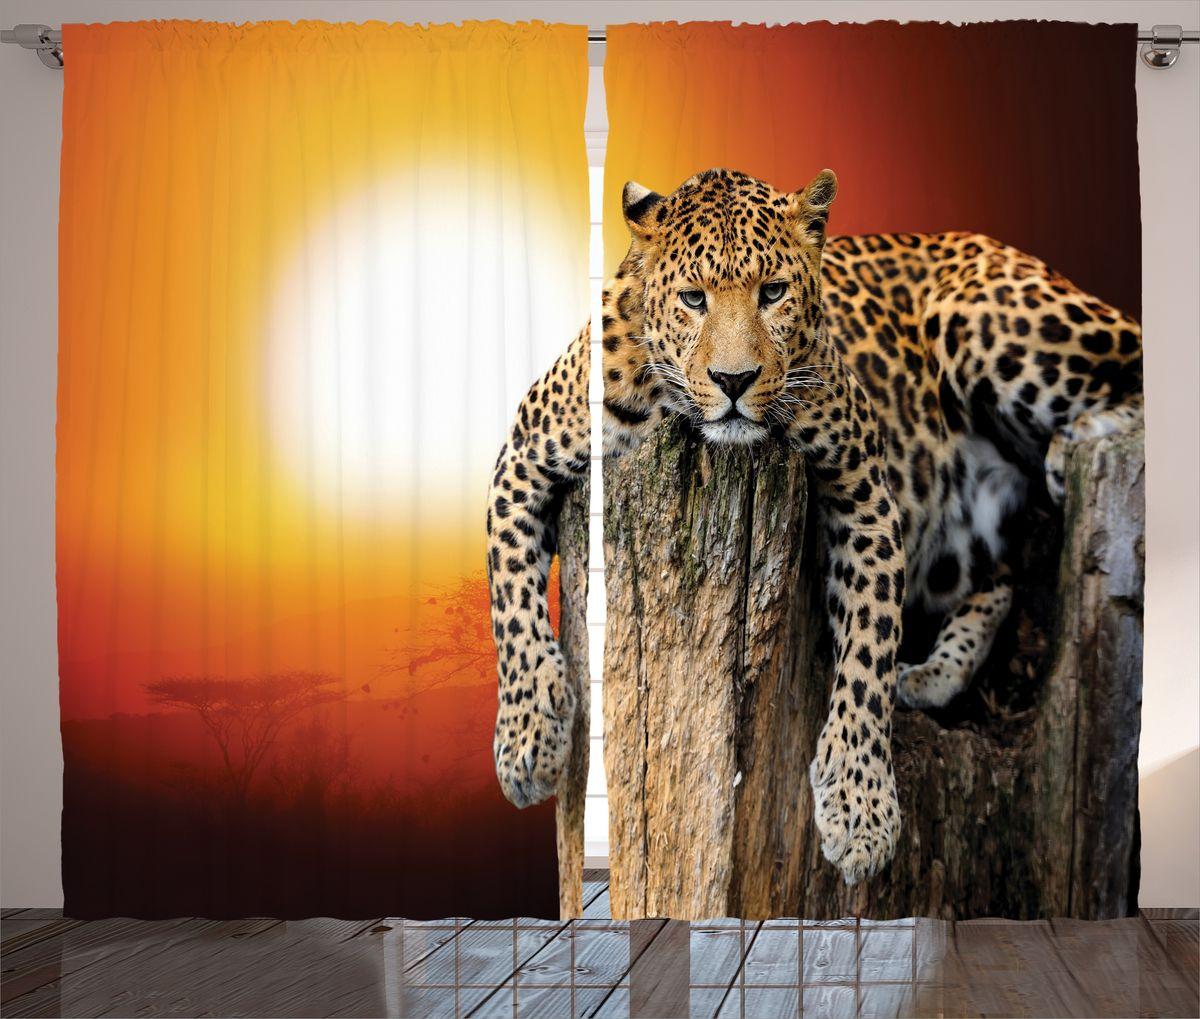 Комплект фотоштор Magic Lady, на ленте, высота 265 см. шсг_16487шсг_16487Компания Сэмболь изготавливает шторы из высококачественного сатена (полиэстер 100%). При изготовлении используются специальные гипоаллергенные чернила для прямой печати по ткани, безопасные для человека и животных. Экологичность продукции Magic lady и безопасность для окружающей среды подтверждены сертификатом Oeko-Tex Standard 100. Крепление: крючки для крепления на шторной ленте (50 шт). Возможно крепление на трубу. Внимание! При нанесении сублимационной печати на ткань технологическим методом при температуре 240°С, возможно отклонение полученных размеров (указанных на этикетке и сайте) от стандартных на + - 3-5 см. Производитель старается максимально точно передать цвета изделия на фотографиях, однако искажения неизбежны и фактический цвет изделия может отличаться от воспринимаемого по фото. Обратите внимание! Шторы изготовлены из полиэстра сатенового переплетения, а не из сатина (хлопок). Размер одного полотна шторы: 145х265 см. В комплекте 2...